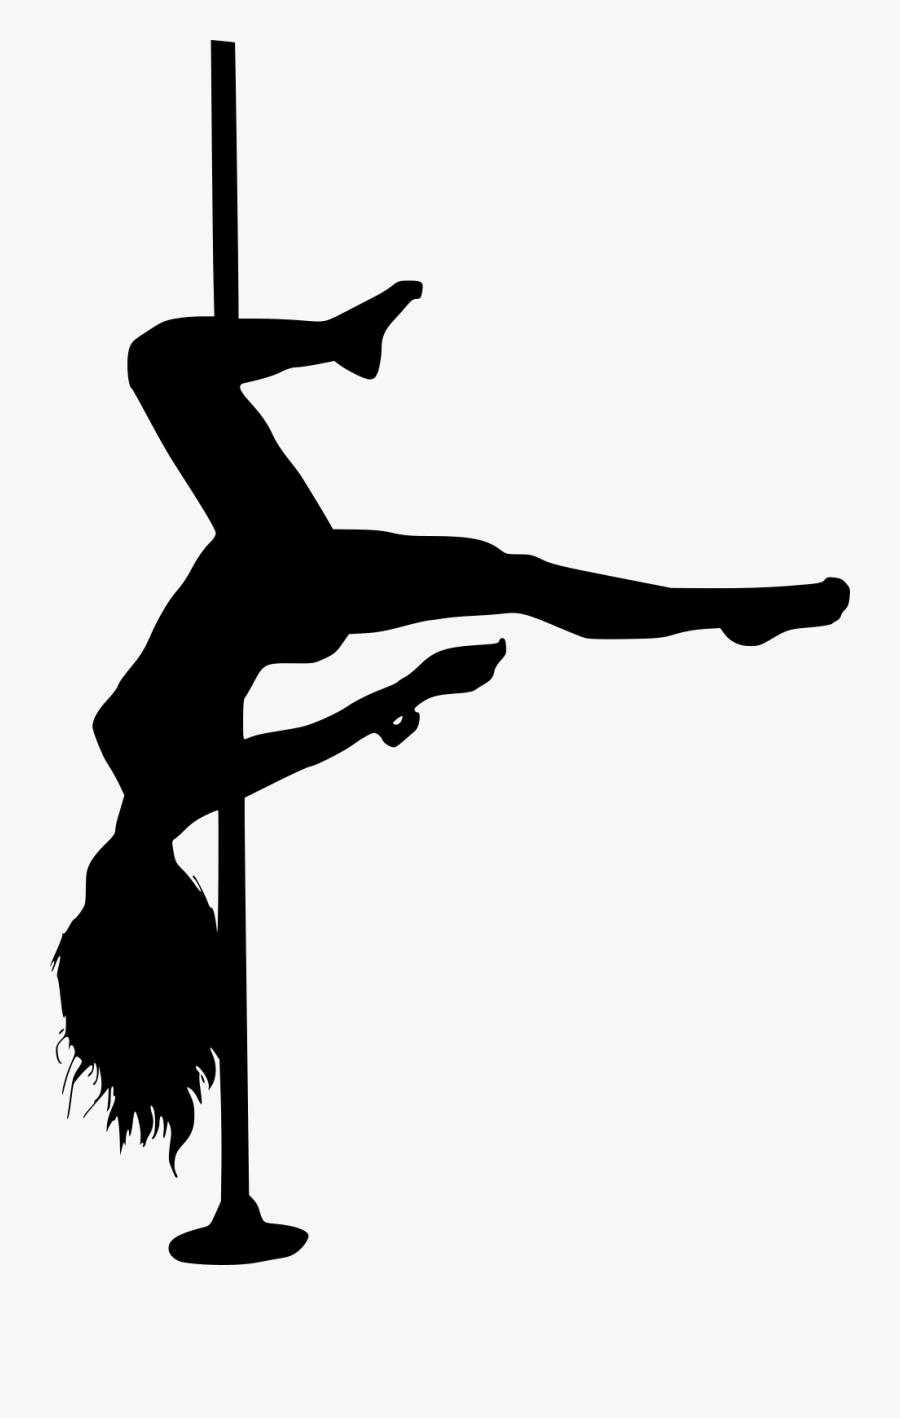 Clip Art Dancer Silhouette Png - Pole Dancer Silhouette Free, Transparent Clipart